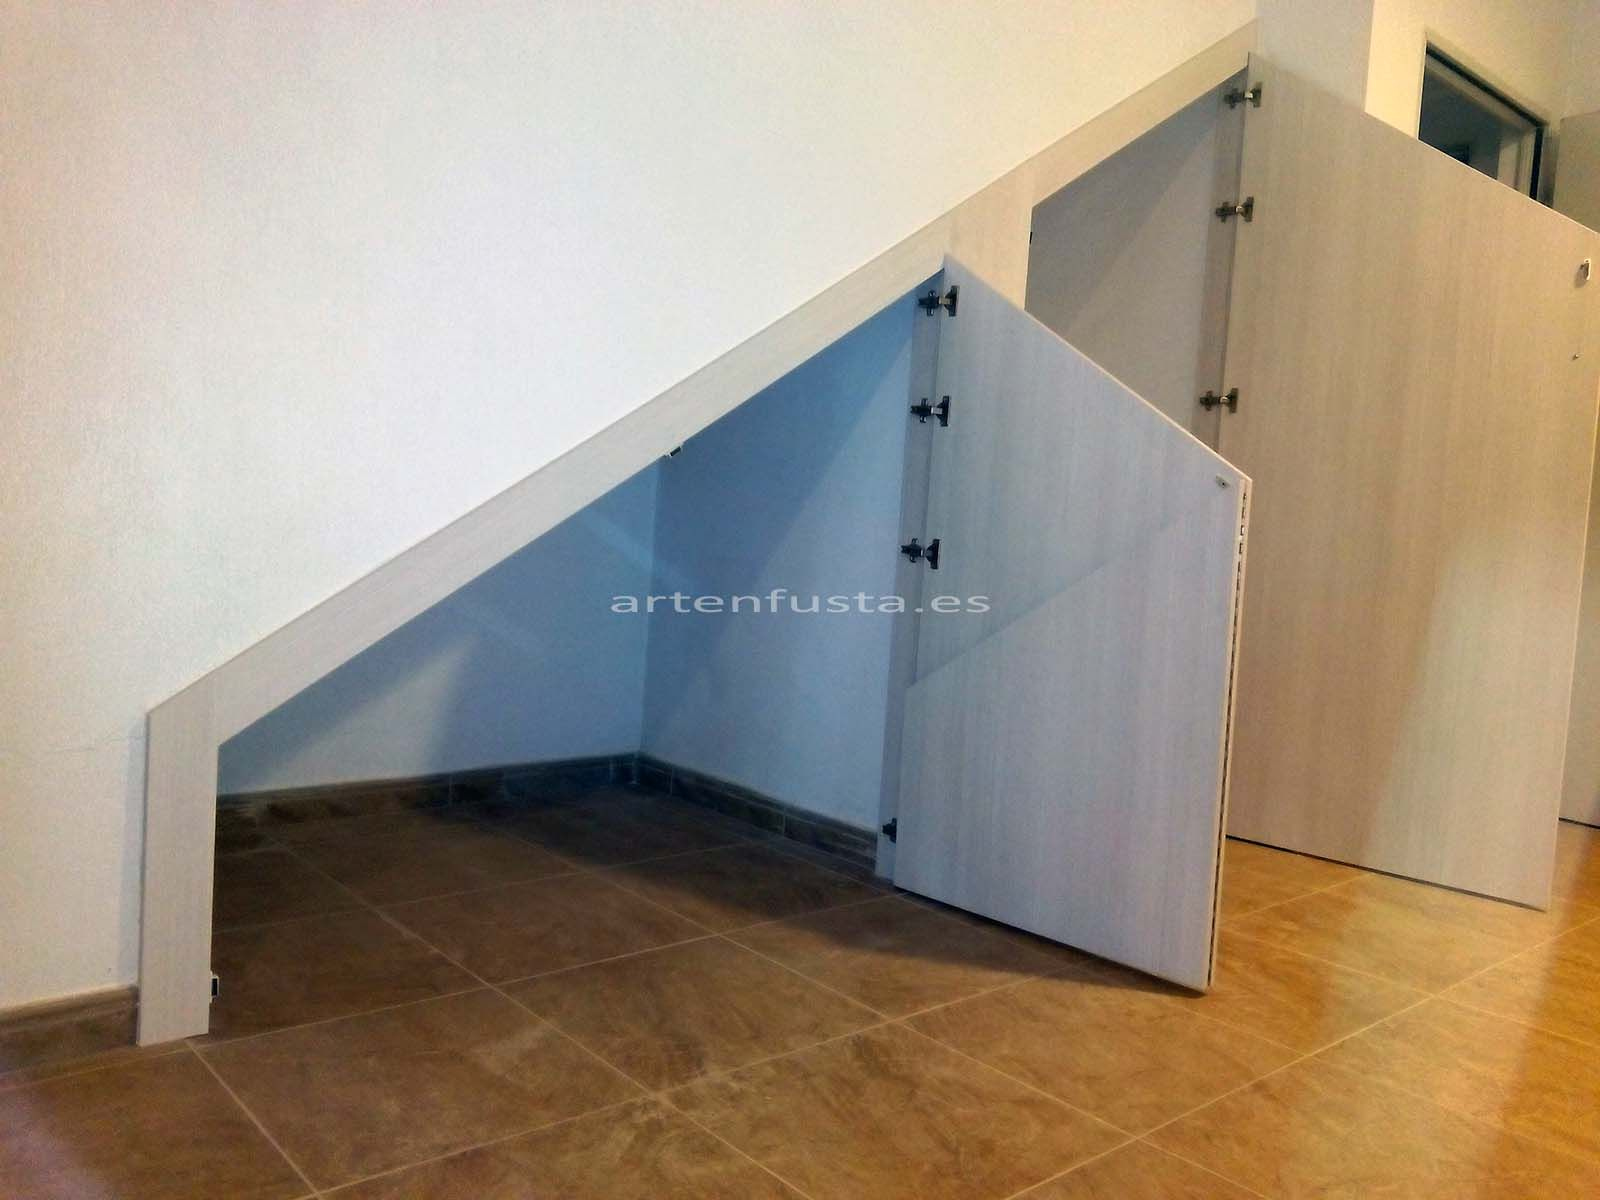 Puertas a medida de bajo de escalera elche alicante - Mueble a medida ...